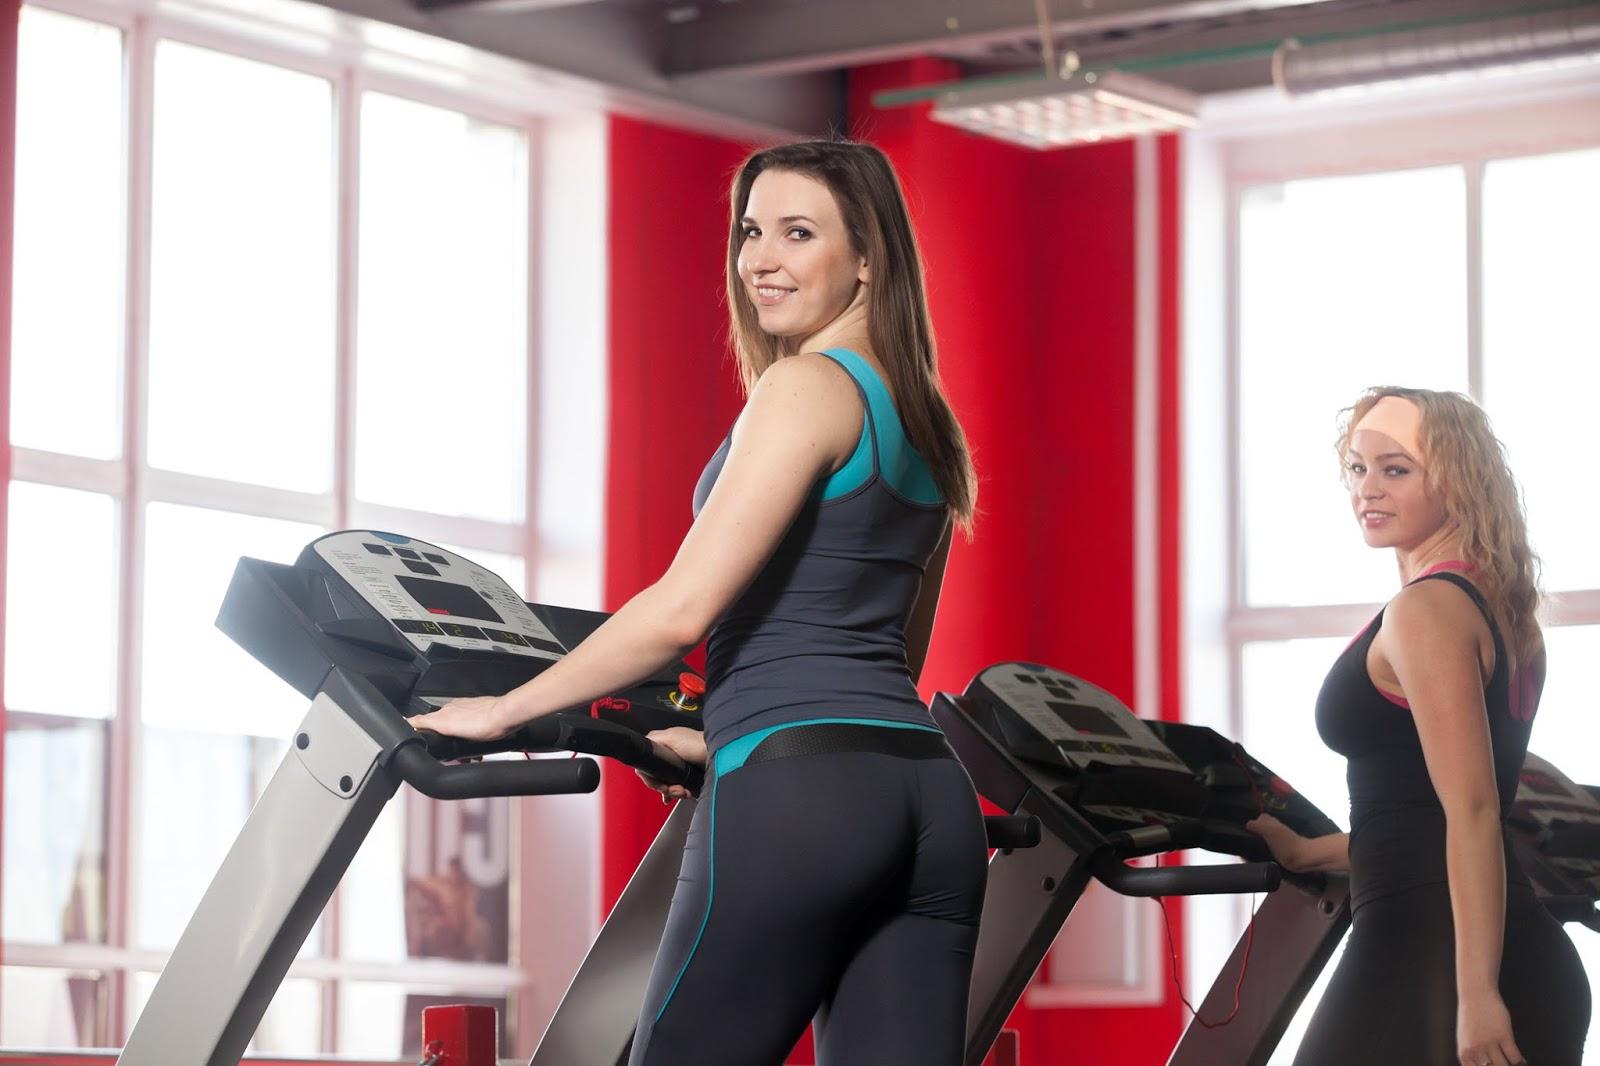 Bbw treadmill